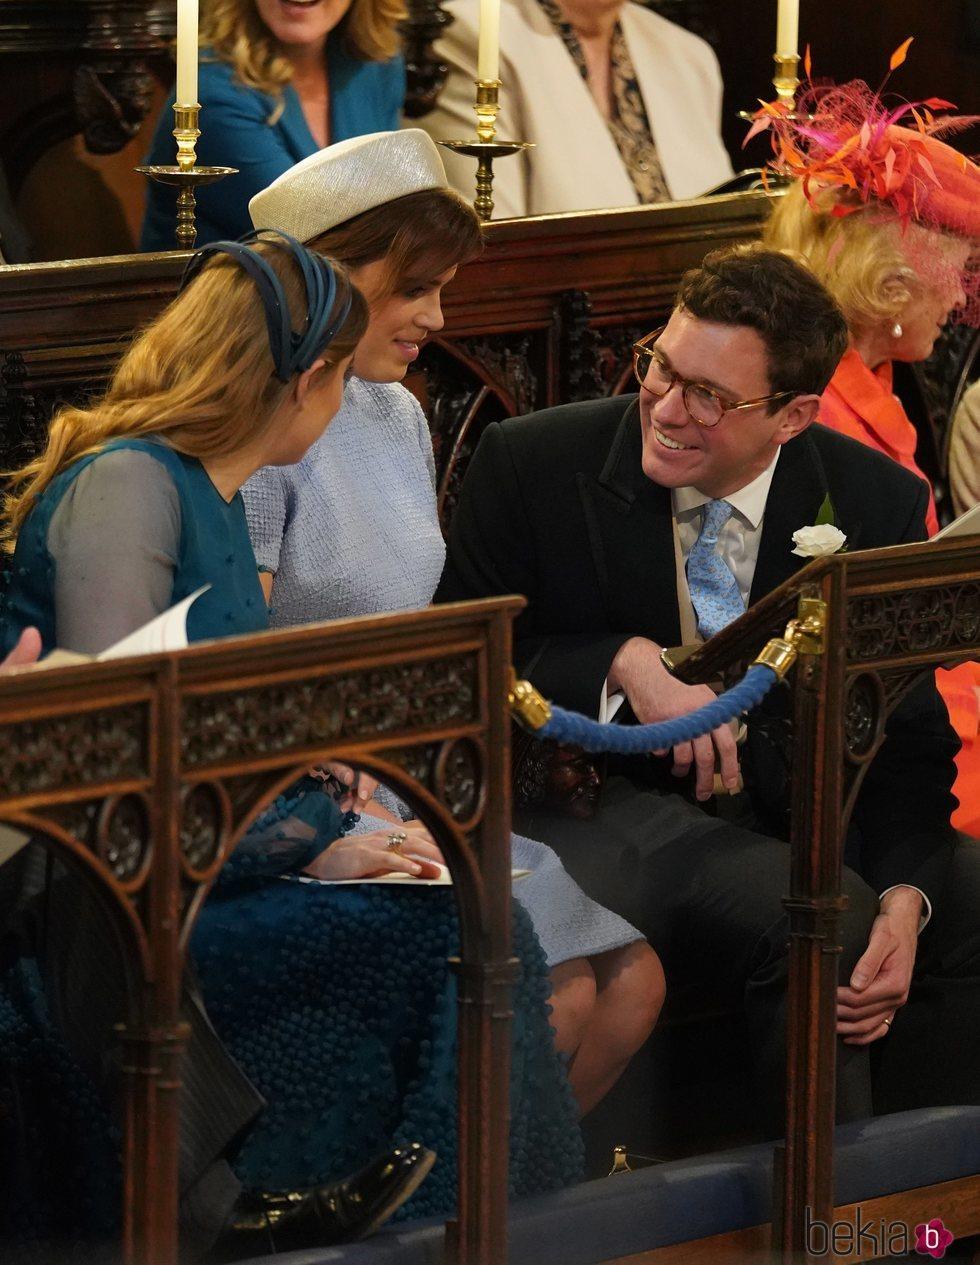 Jack Brooksbank charlando con las Princesas de York en la boda del Príncipe Harry y Meghan Markle